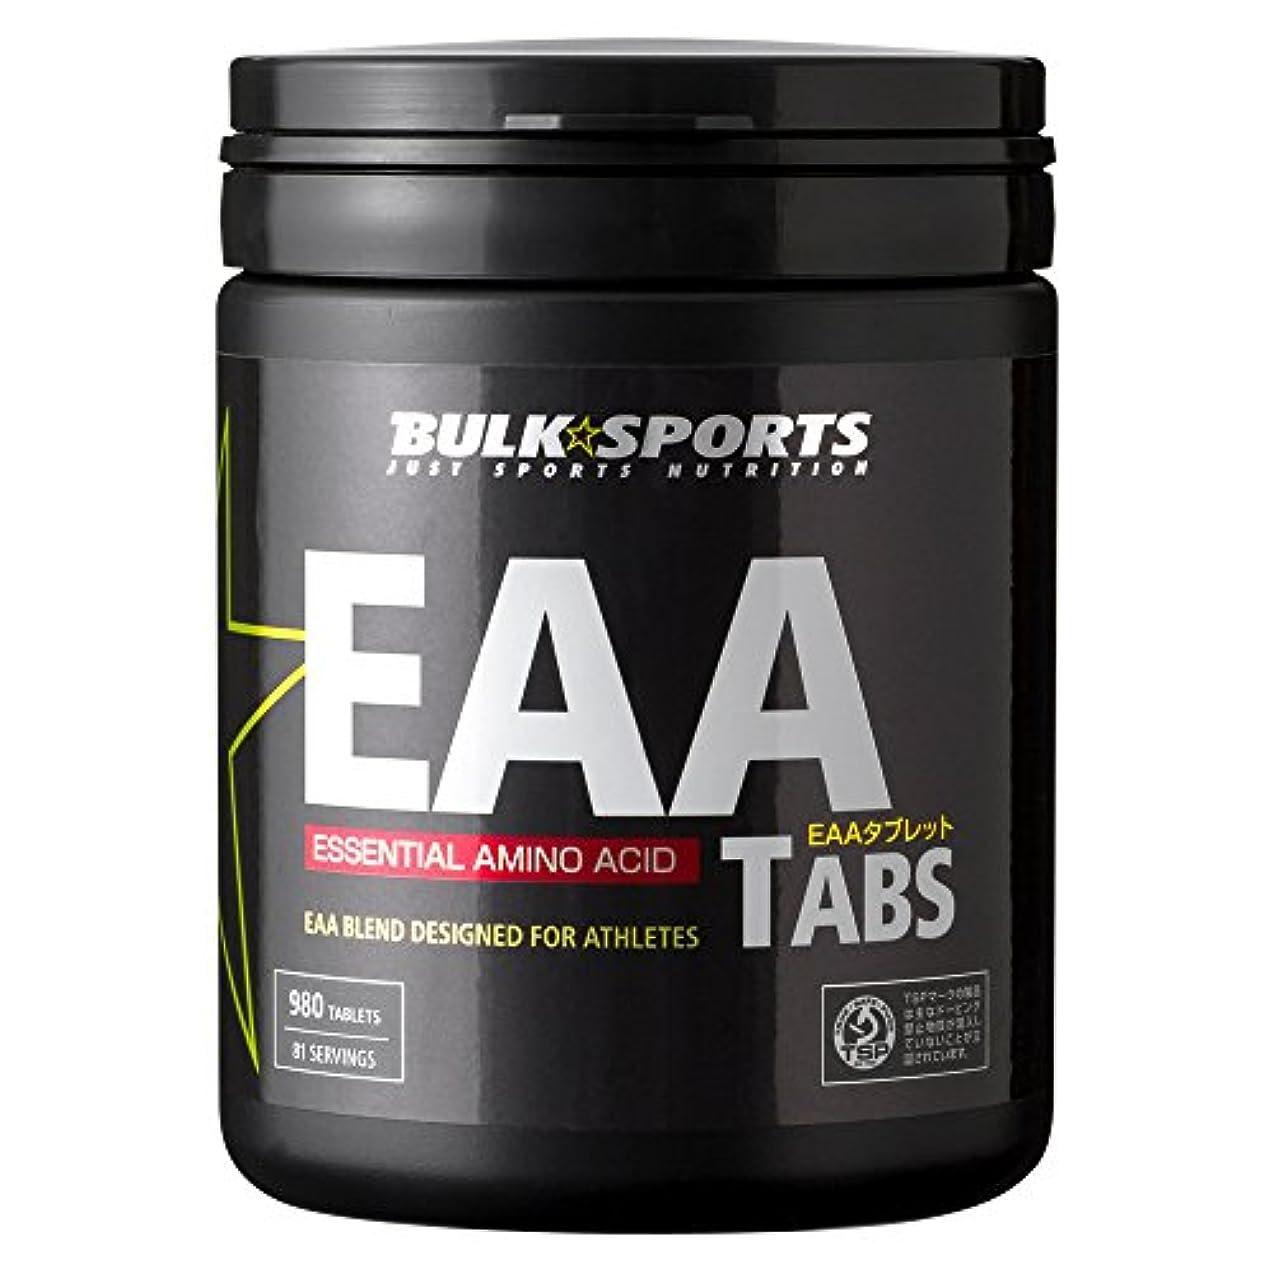 近似引数苗バルクスポーツ アミノ酸 EAAタブレット 980タブレット(81回分)【必須アミノ酸】